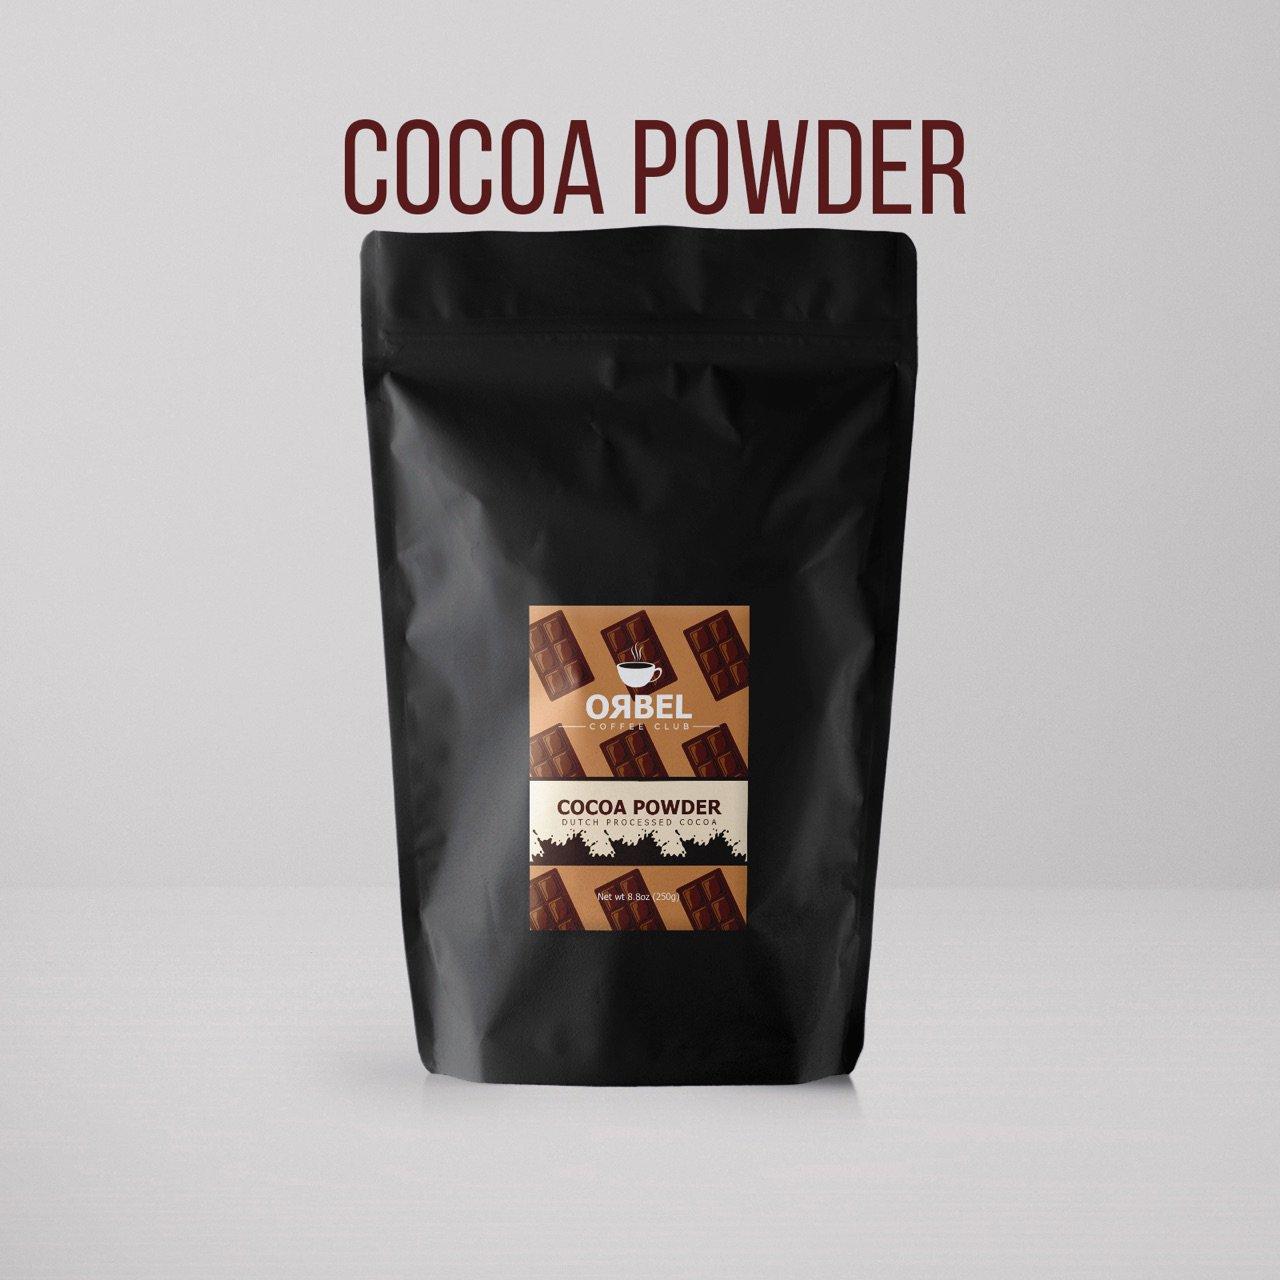 پودر کاکائو هلندی اربل ۲۵۰ گرم